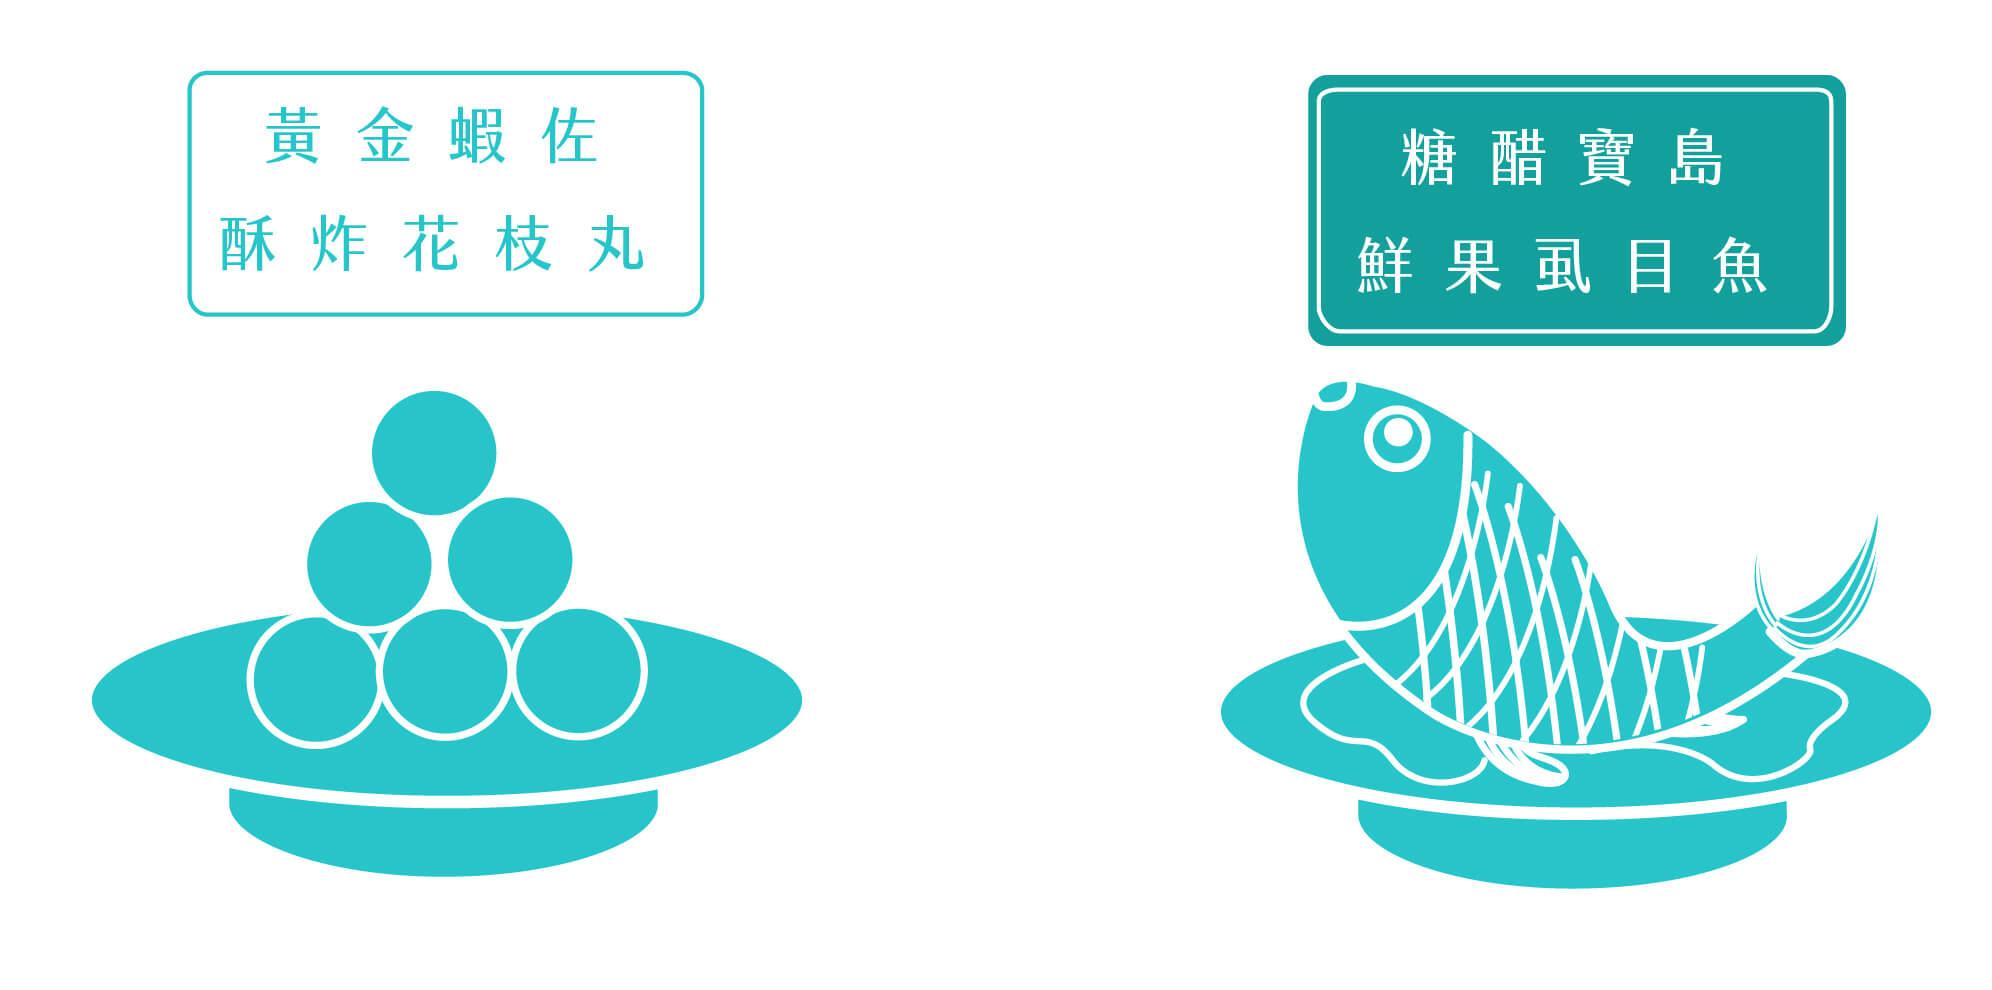 2018台南美食節活動春季 - 62-妳好南搞